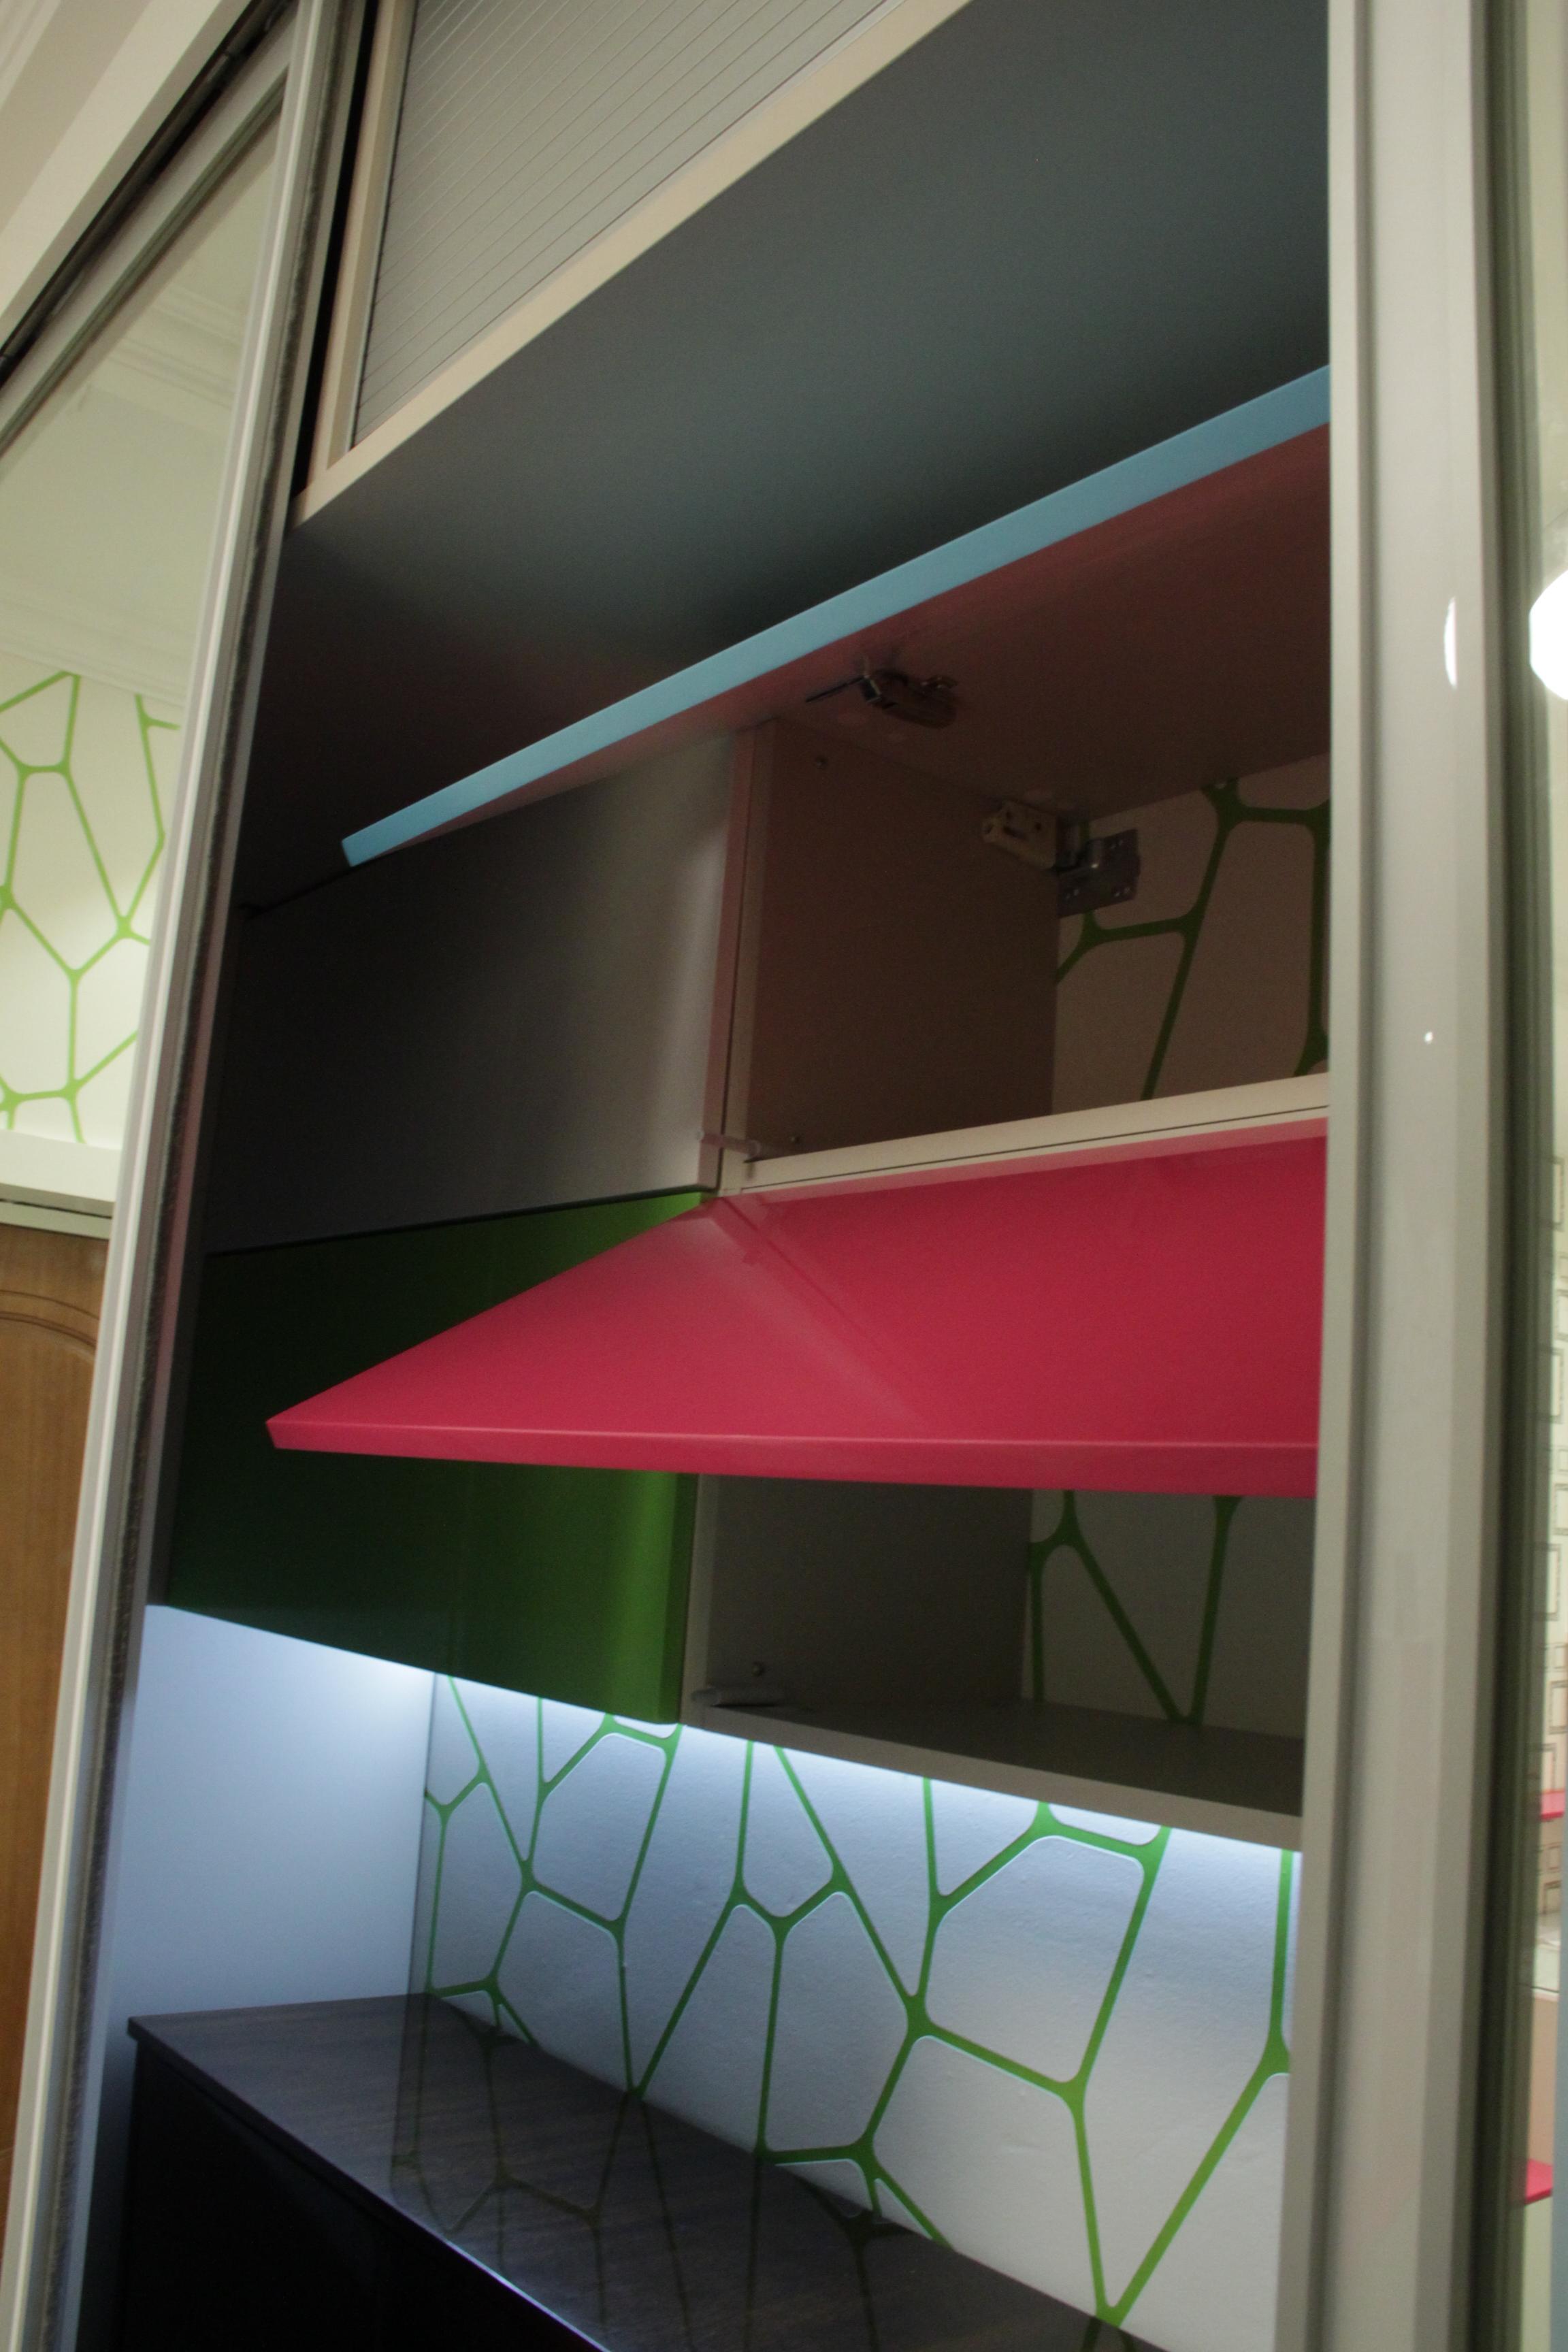 Push-pull механизмы и встроенные верхние жалюзи внутри шкафа. Собственный дизайн и производство.